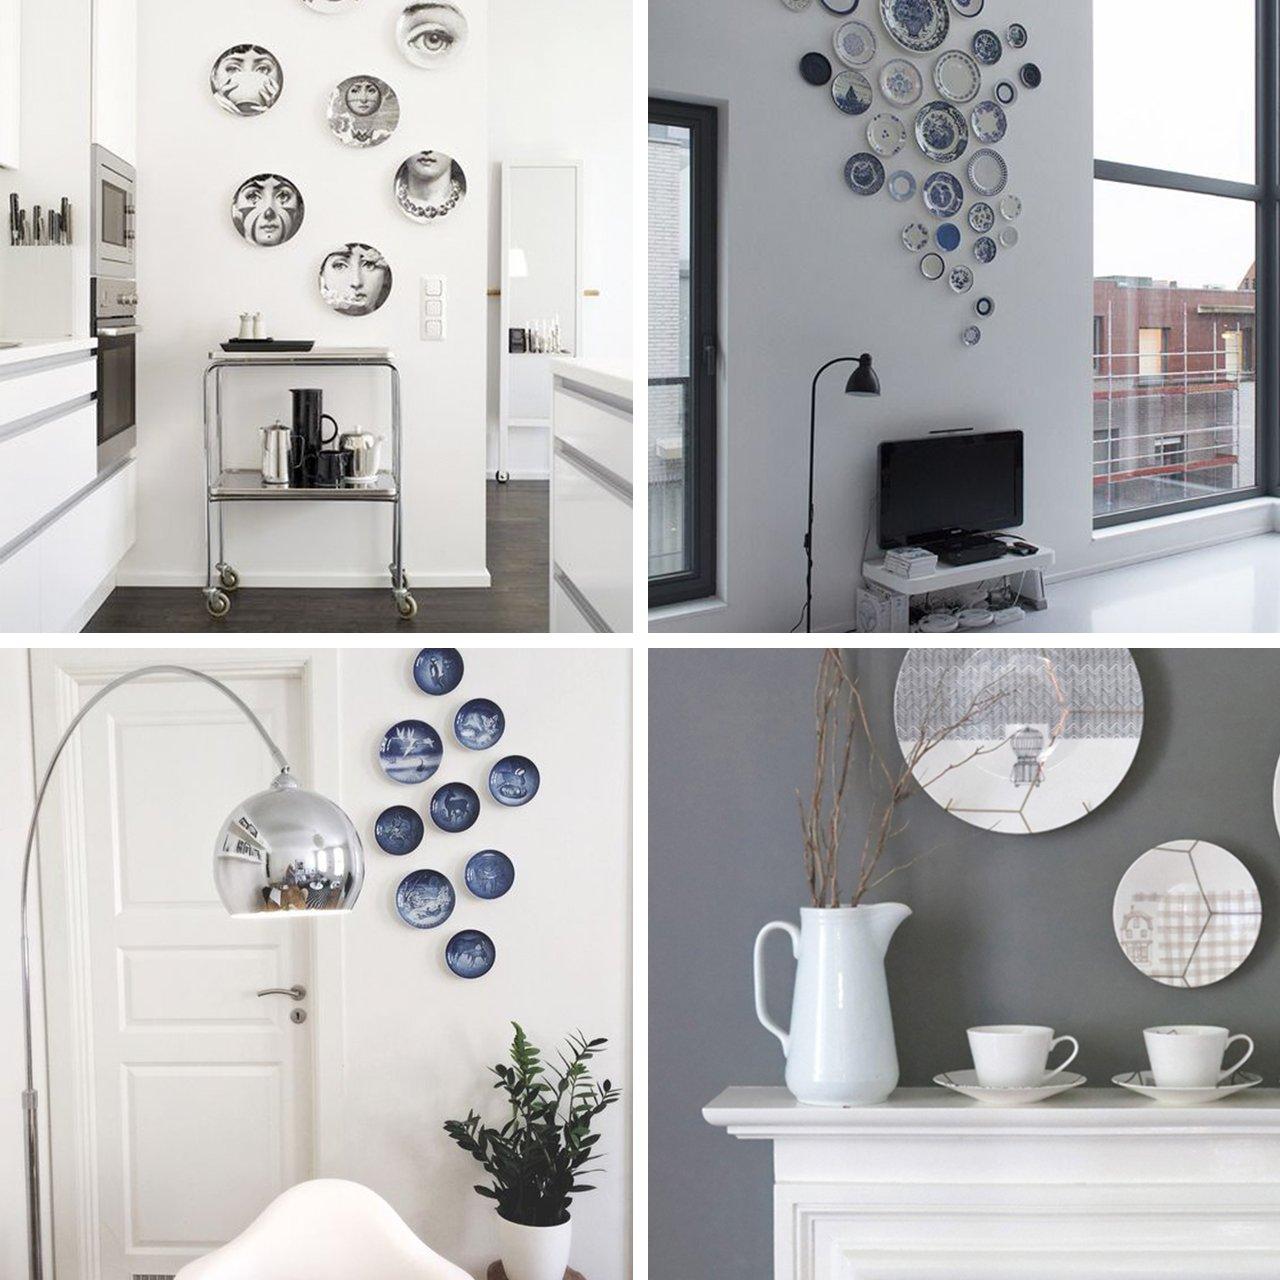 Idee su come arredare le pareti senza quadri!